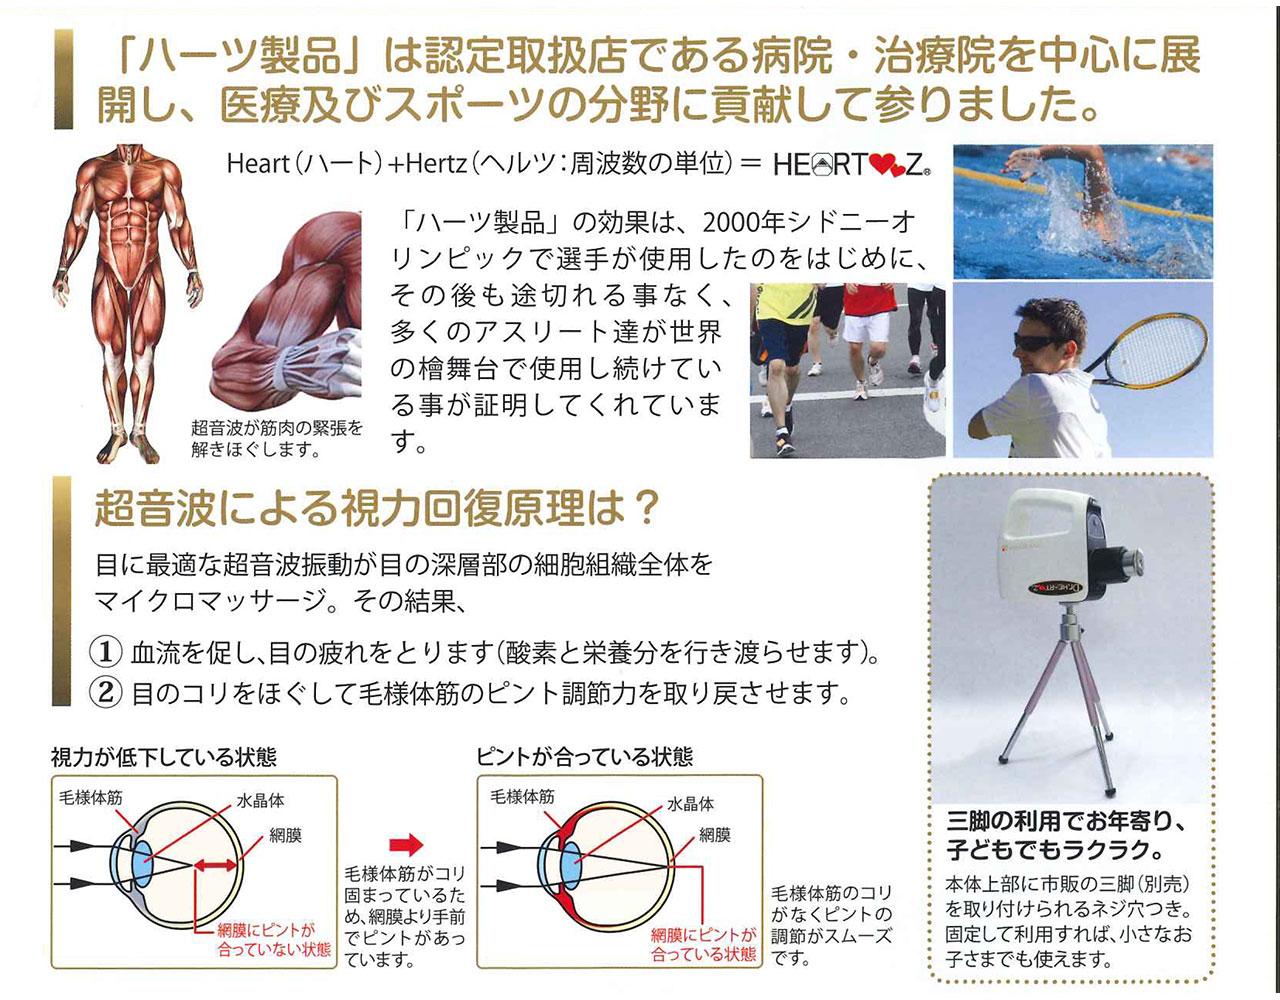 超音波による視力回復原理は?